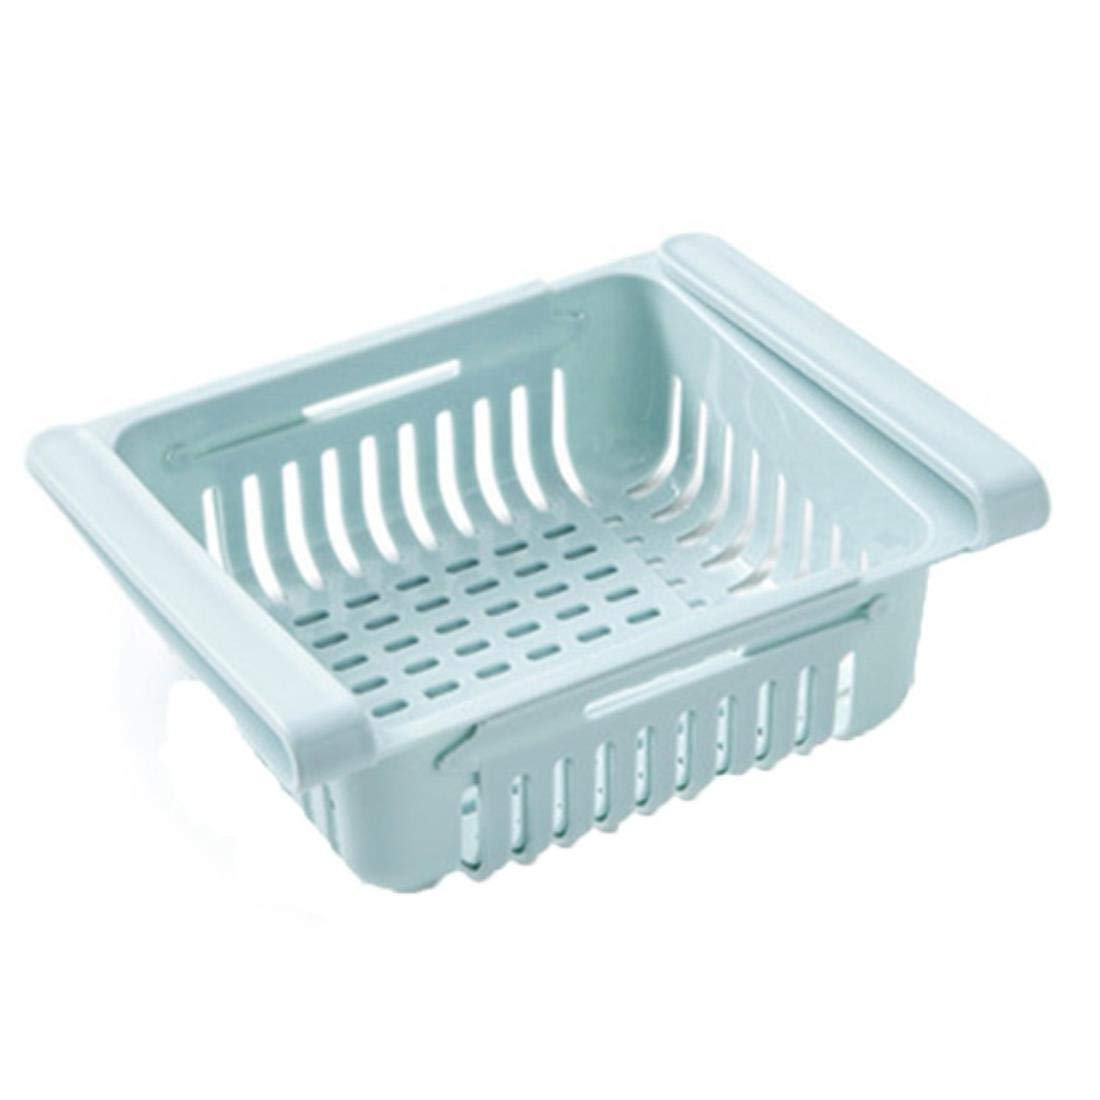 Organizador de Cocina Escurridor de Platos Estante para Platos Refrigerador Caja de Almacenamiento Cajón Estante Placa Estante de Almacenamiento Flexible escurridor de Platos, Azul, China: Amazon.es: Hogar